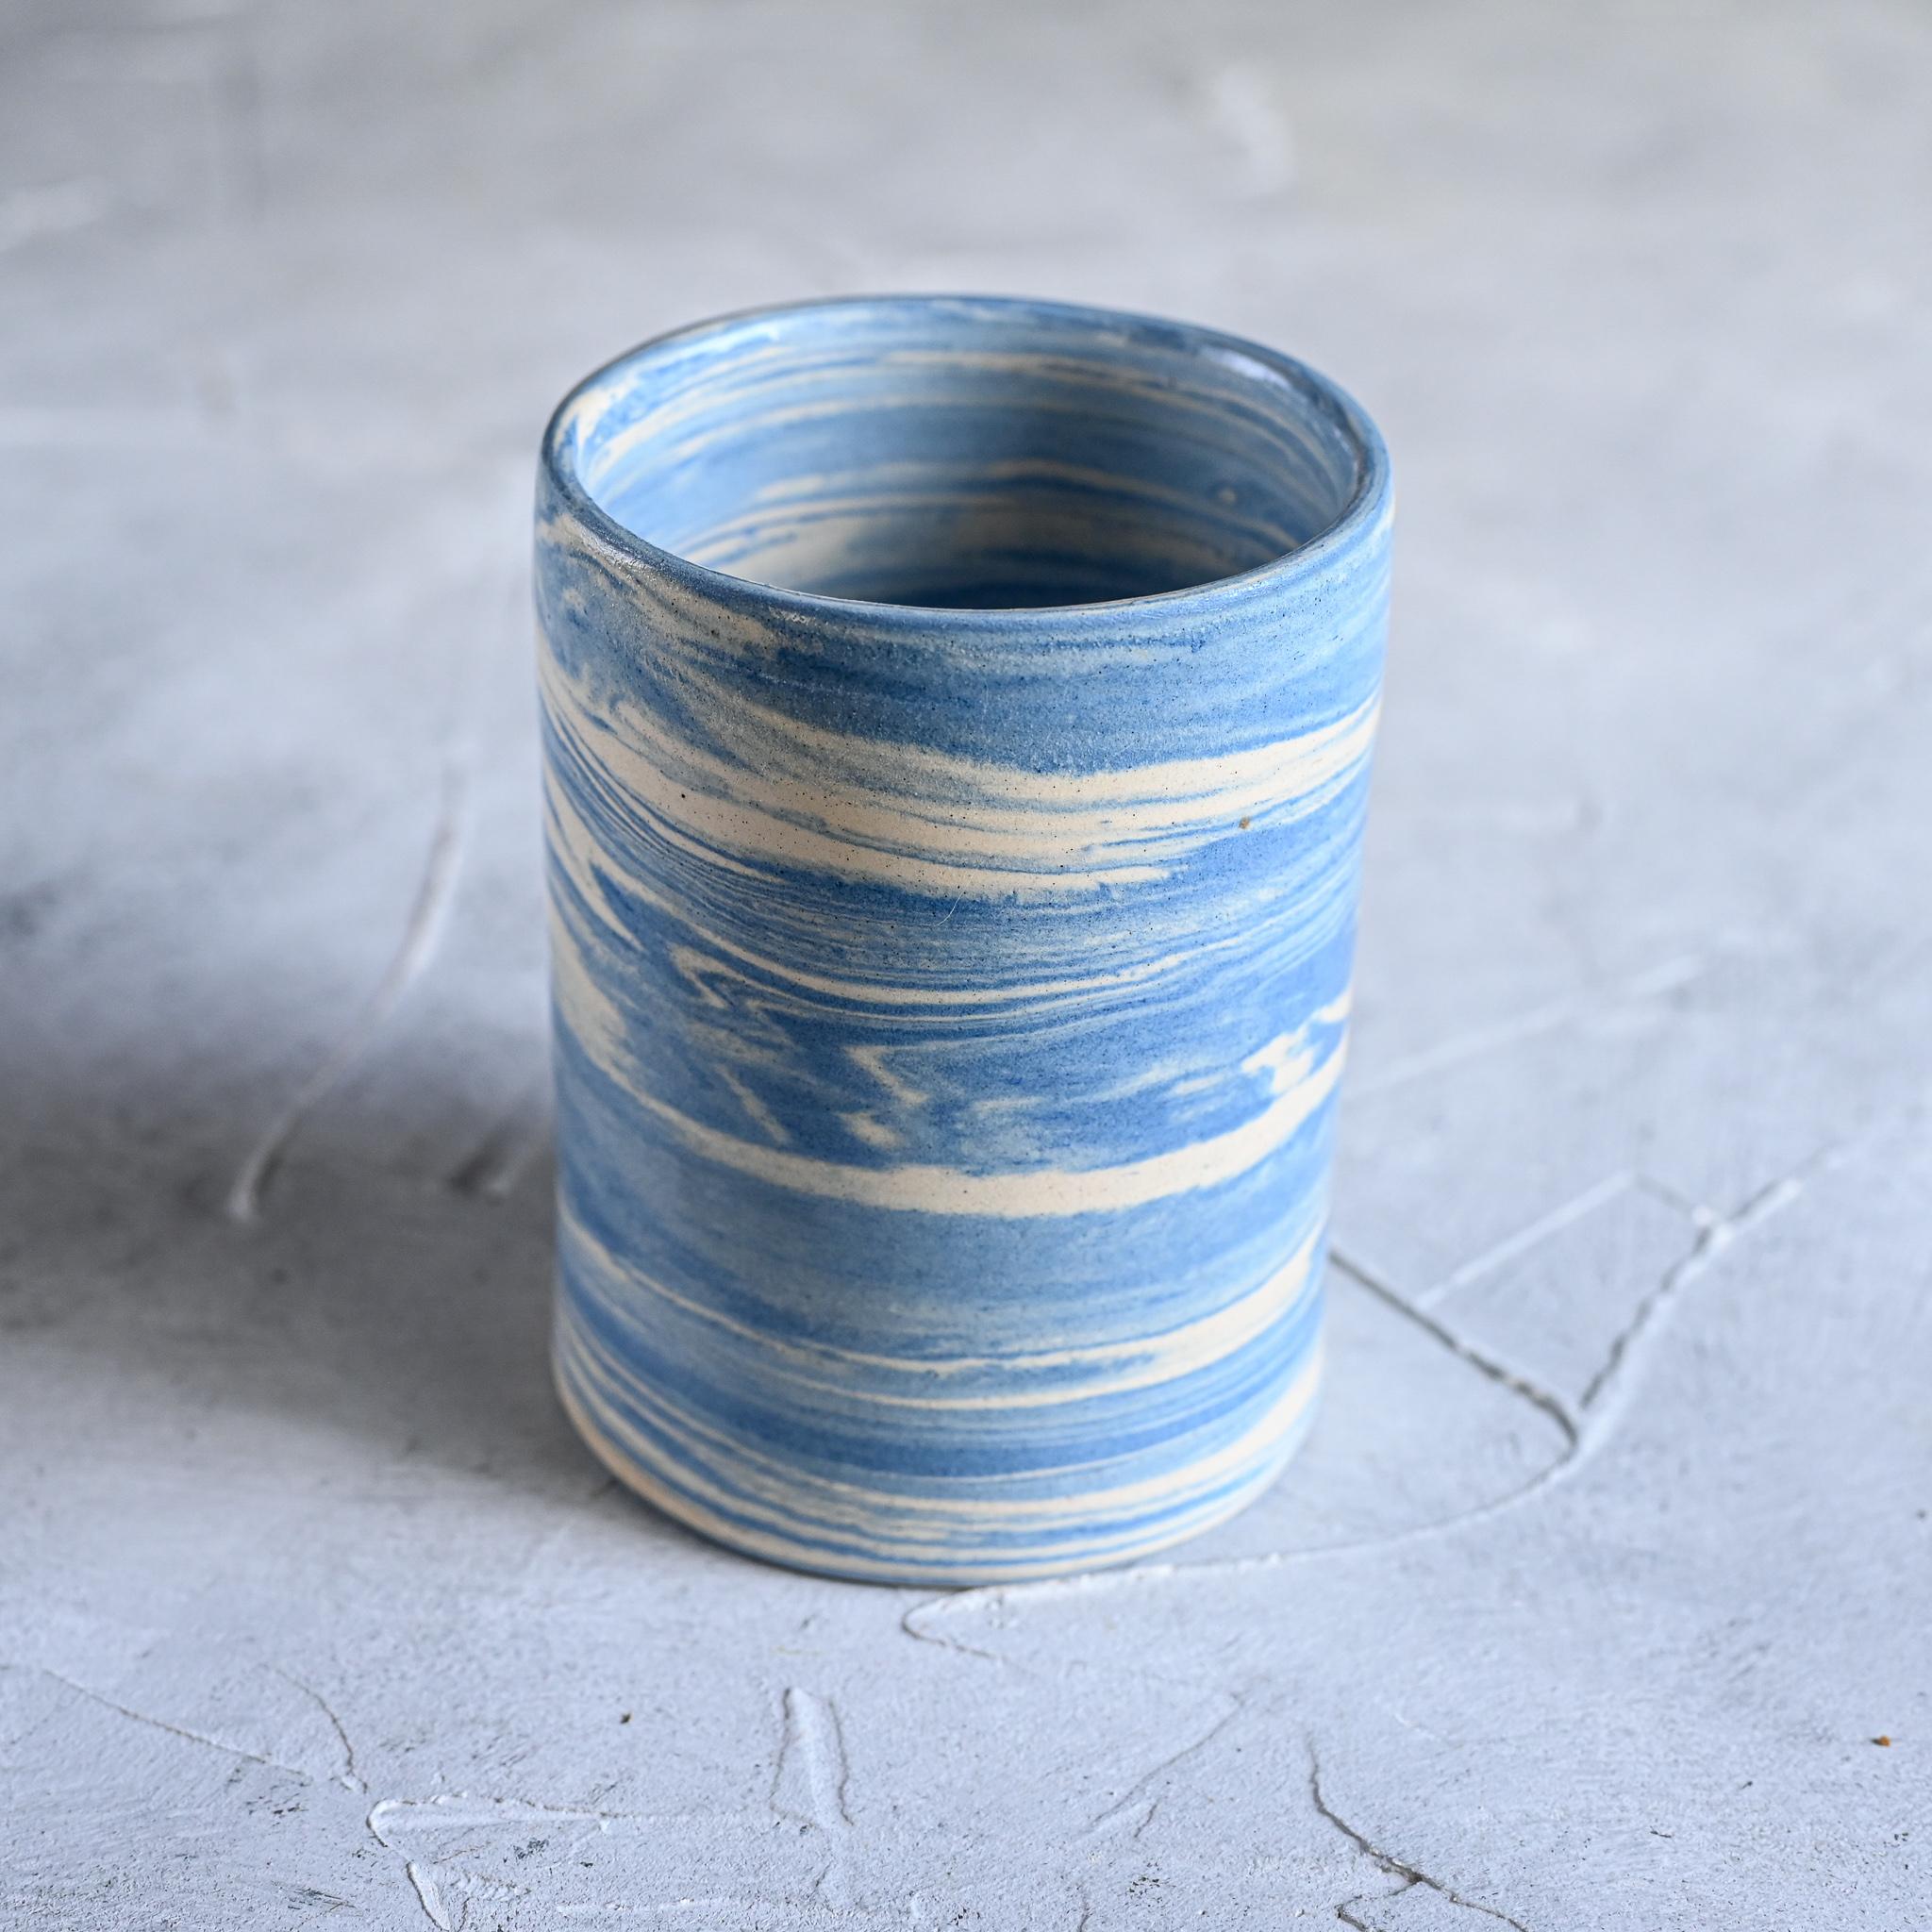 картинка Керамический стакан в технике нерияге 7 - DishWishes.Ru